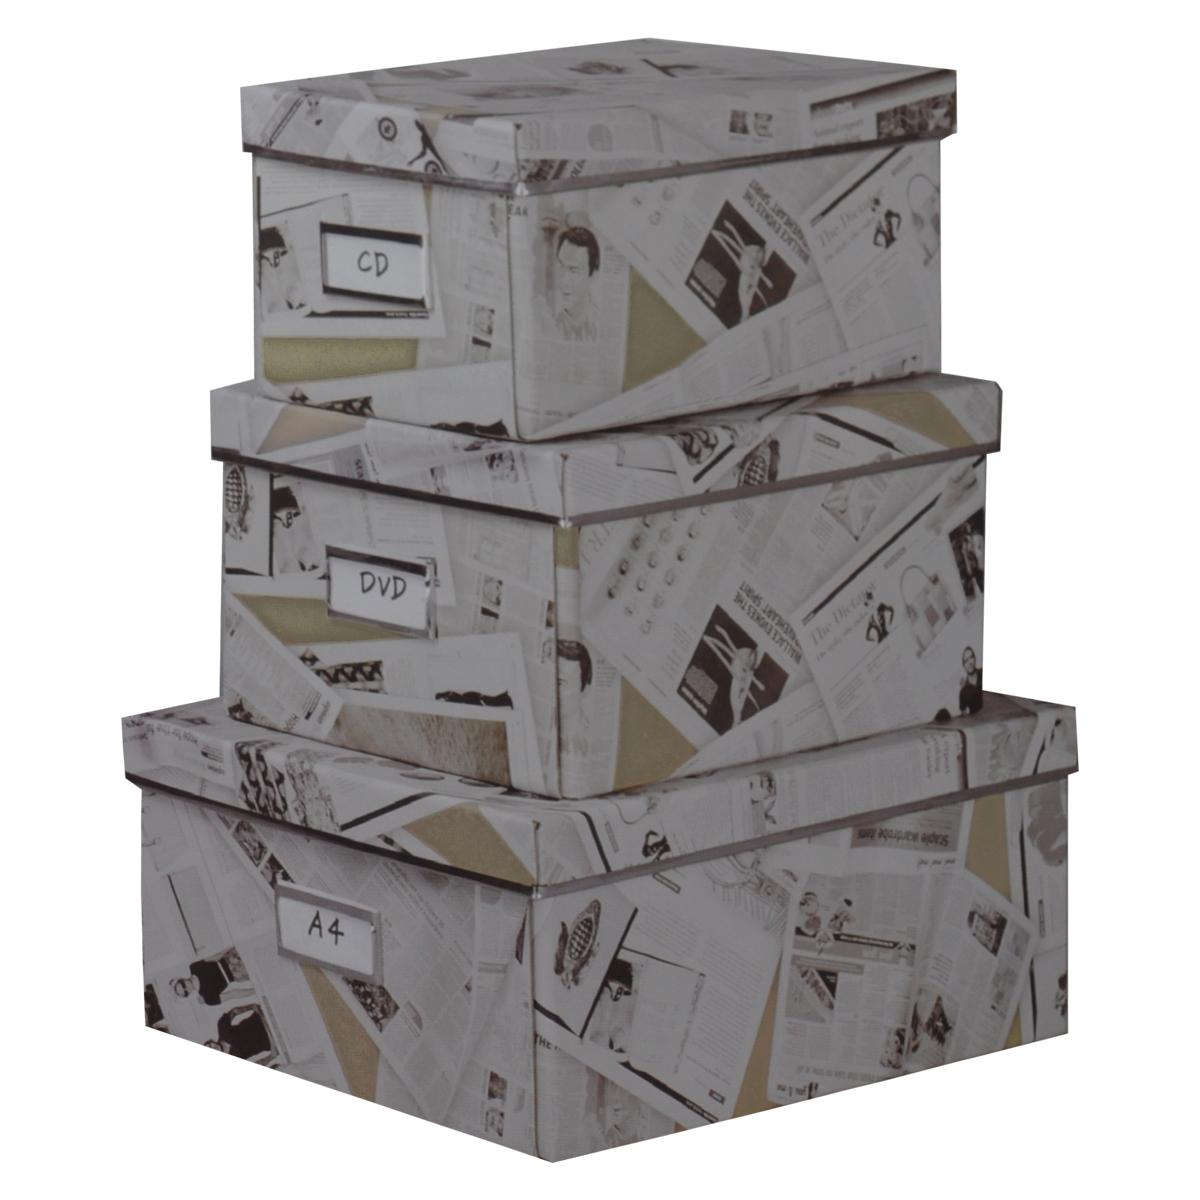 Набор коробок для хранения Газета, цвет: серый, белый, 3 штLS-8181/8180/8179_2Кофры для хранения Газета прекрасно подойдут для хранения личных вещей, различных аксессуаров, а также бытовых предметов. В комплекте 3 прямоугольных кофра разного размера, с крышками. Изделия выполнены из плотного картона, внешняя поверхность оформлена оригинальным принтом газета. Каждая из коробок снабжена специальным окошком, куда можно поместить стикер с пометкой содержимого. Эстетичный дизайн позволит набору гармонично вписаться в любой интерьер.Размер малого кофра: 16 см х 28 см х 14 см. Размер среднего кофра: 21 см х 28 см х 15 см. Размер большого кофра: 25 см х 36 см х 15 см.